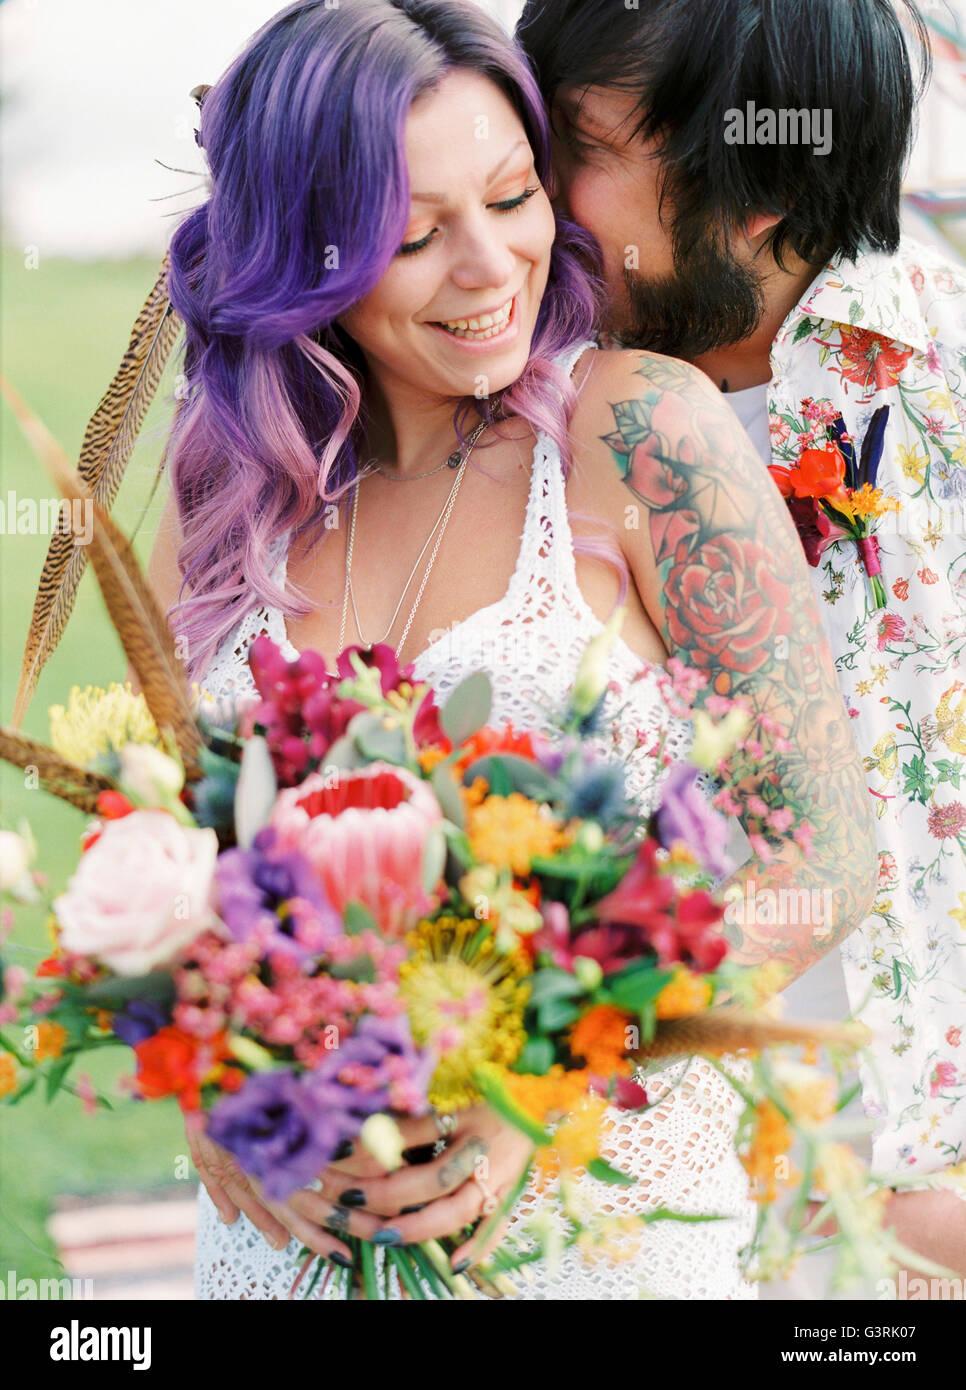 Schweden, Bräutigam küssende Braut im Hippie-Hochzeit Stockbild